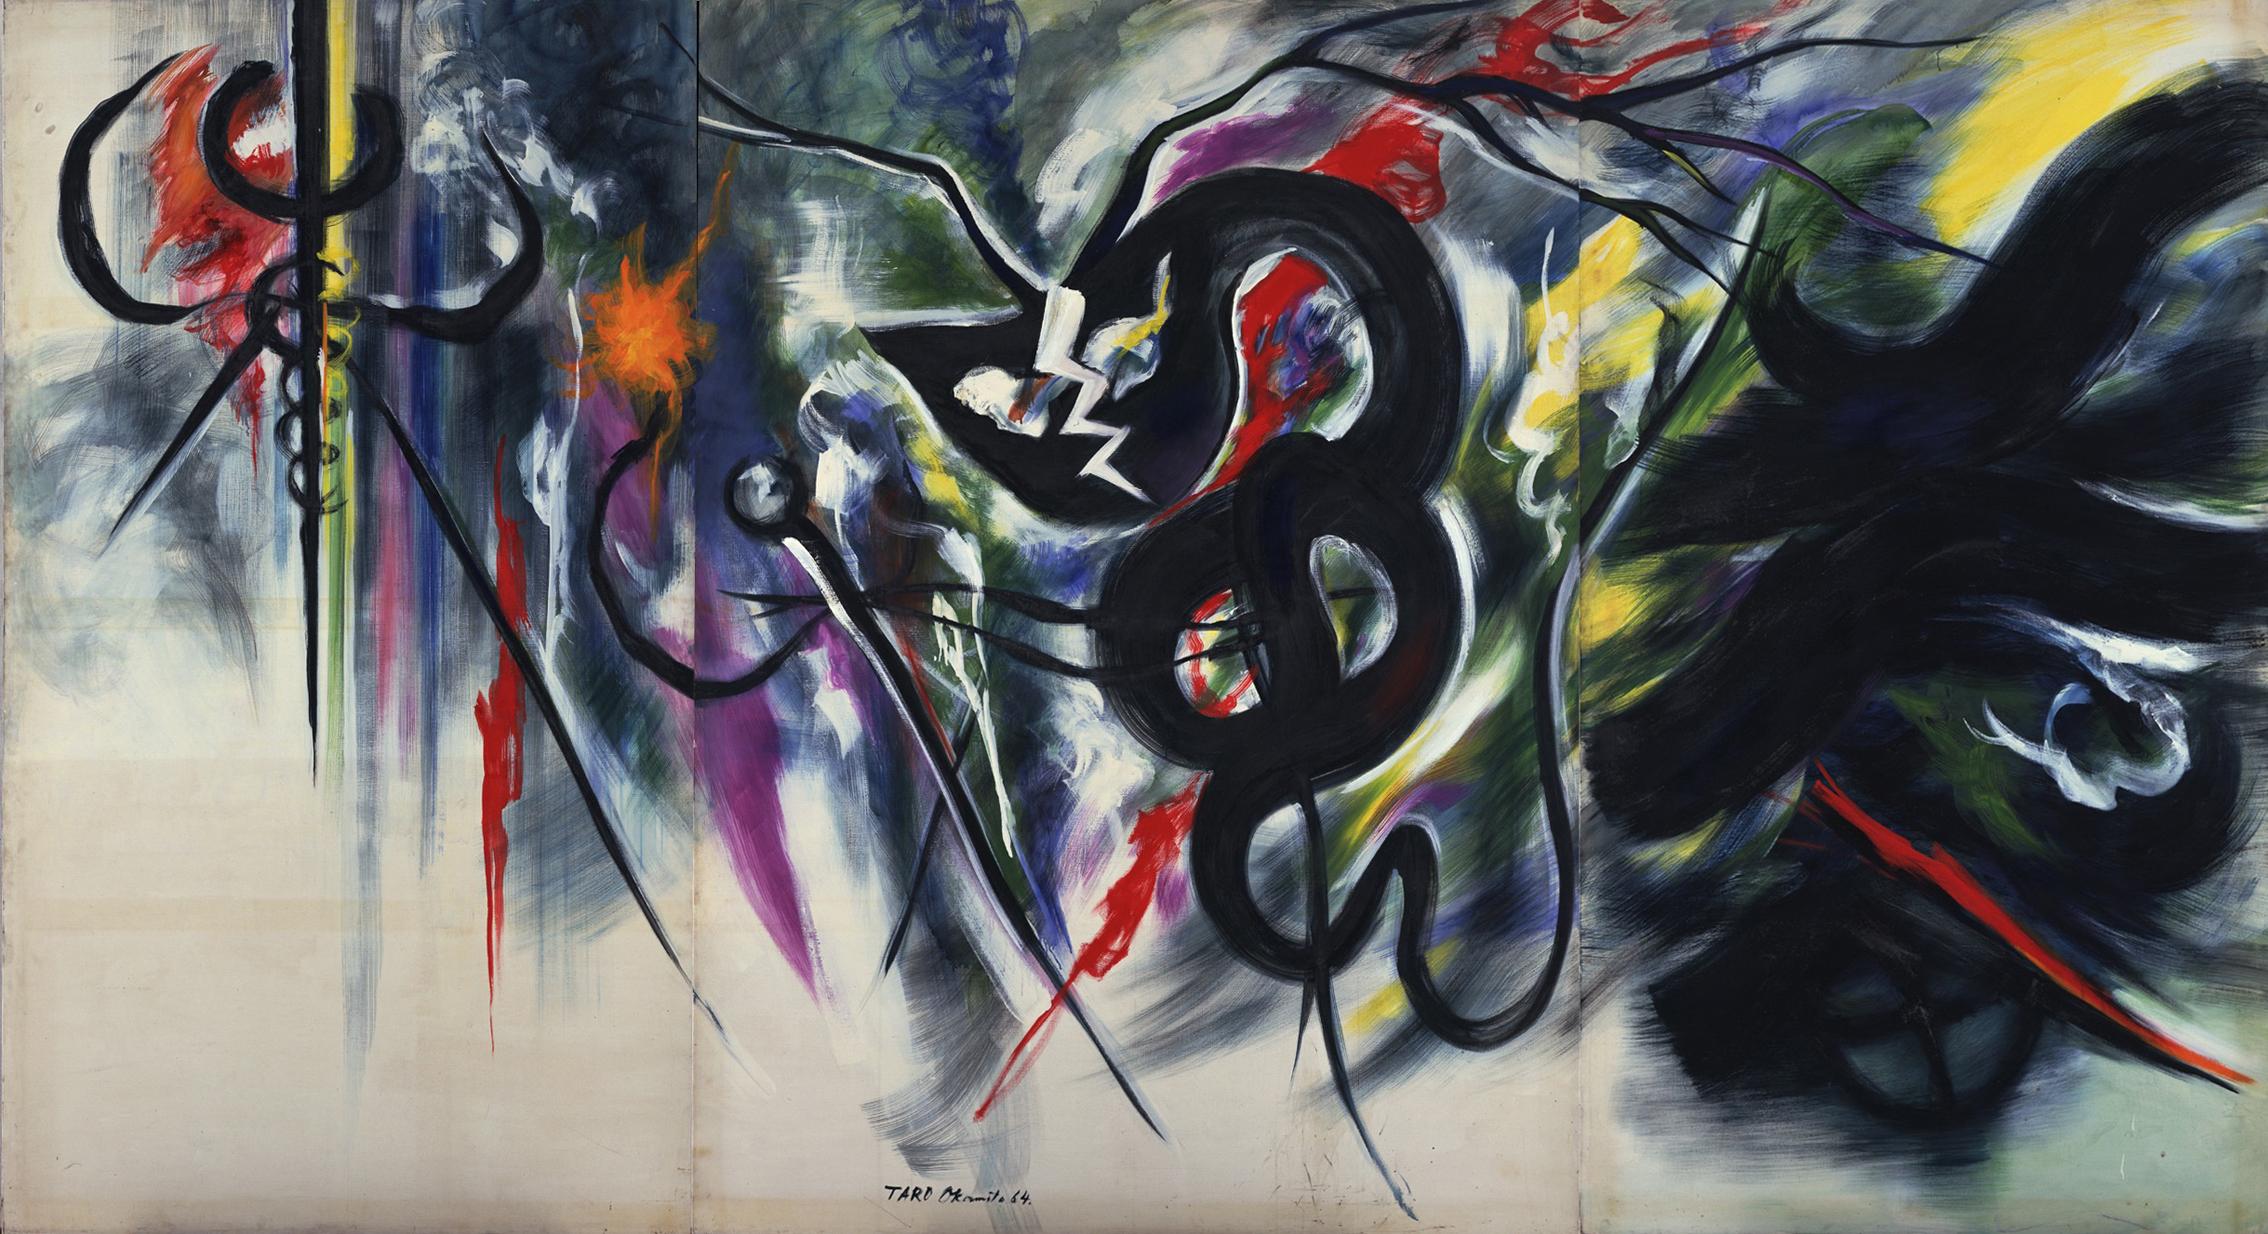 《愛撫》 1964年 川崎市岡本太郎美術館蔵